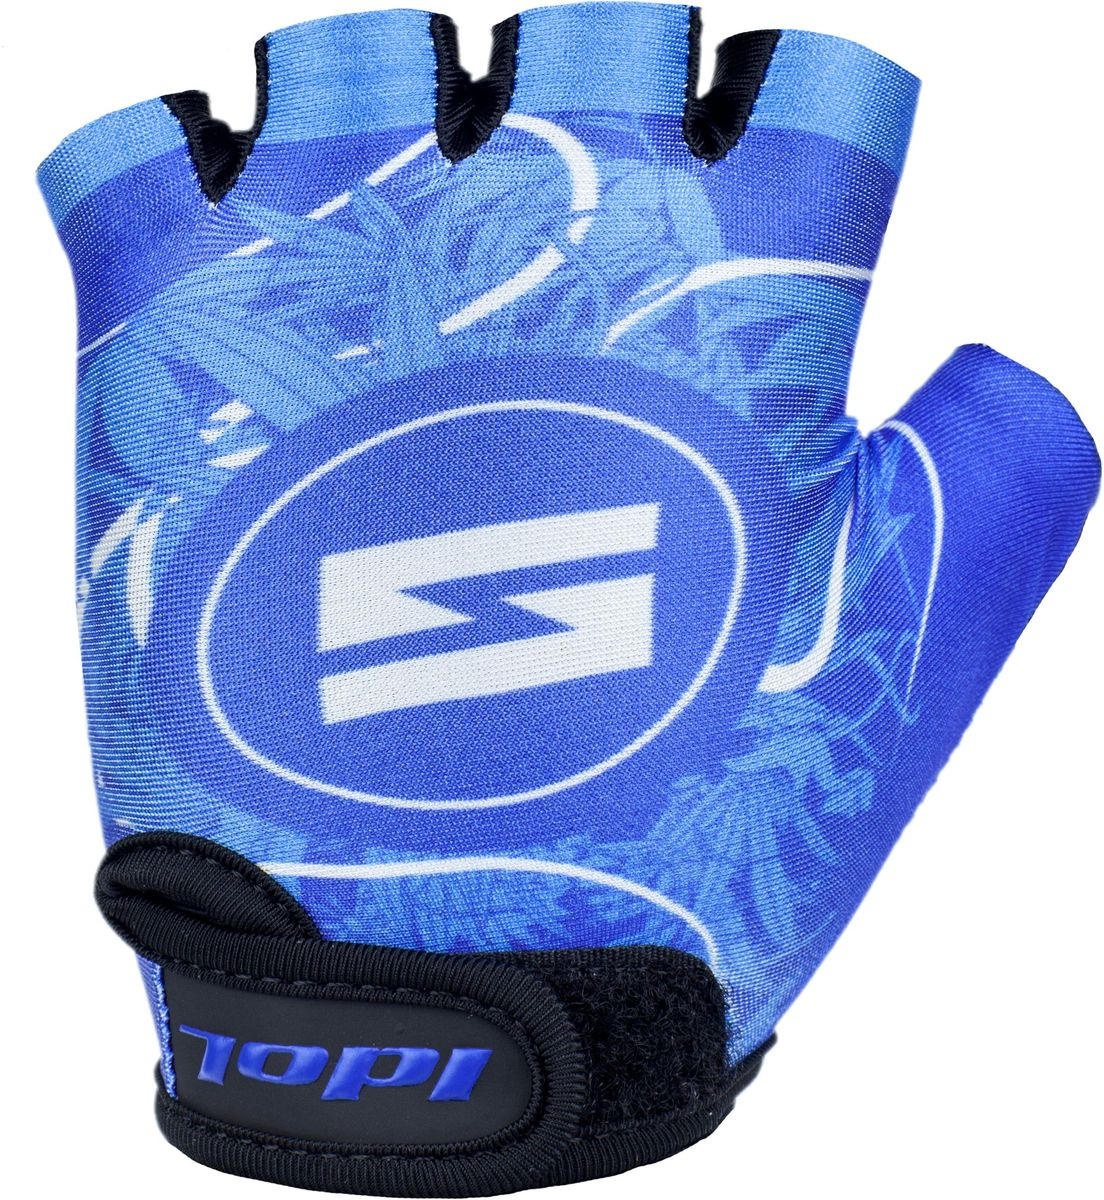 Перчатки велосипедные для мальчика Idol Guron, цвет: синий. Размер 8-13 лет